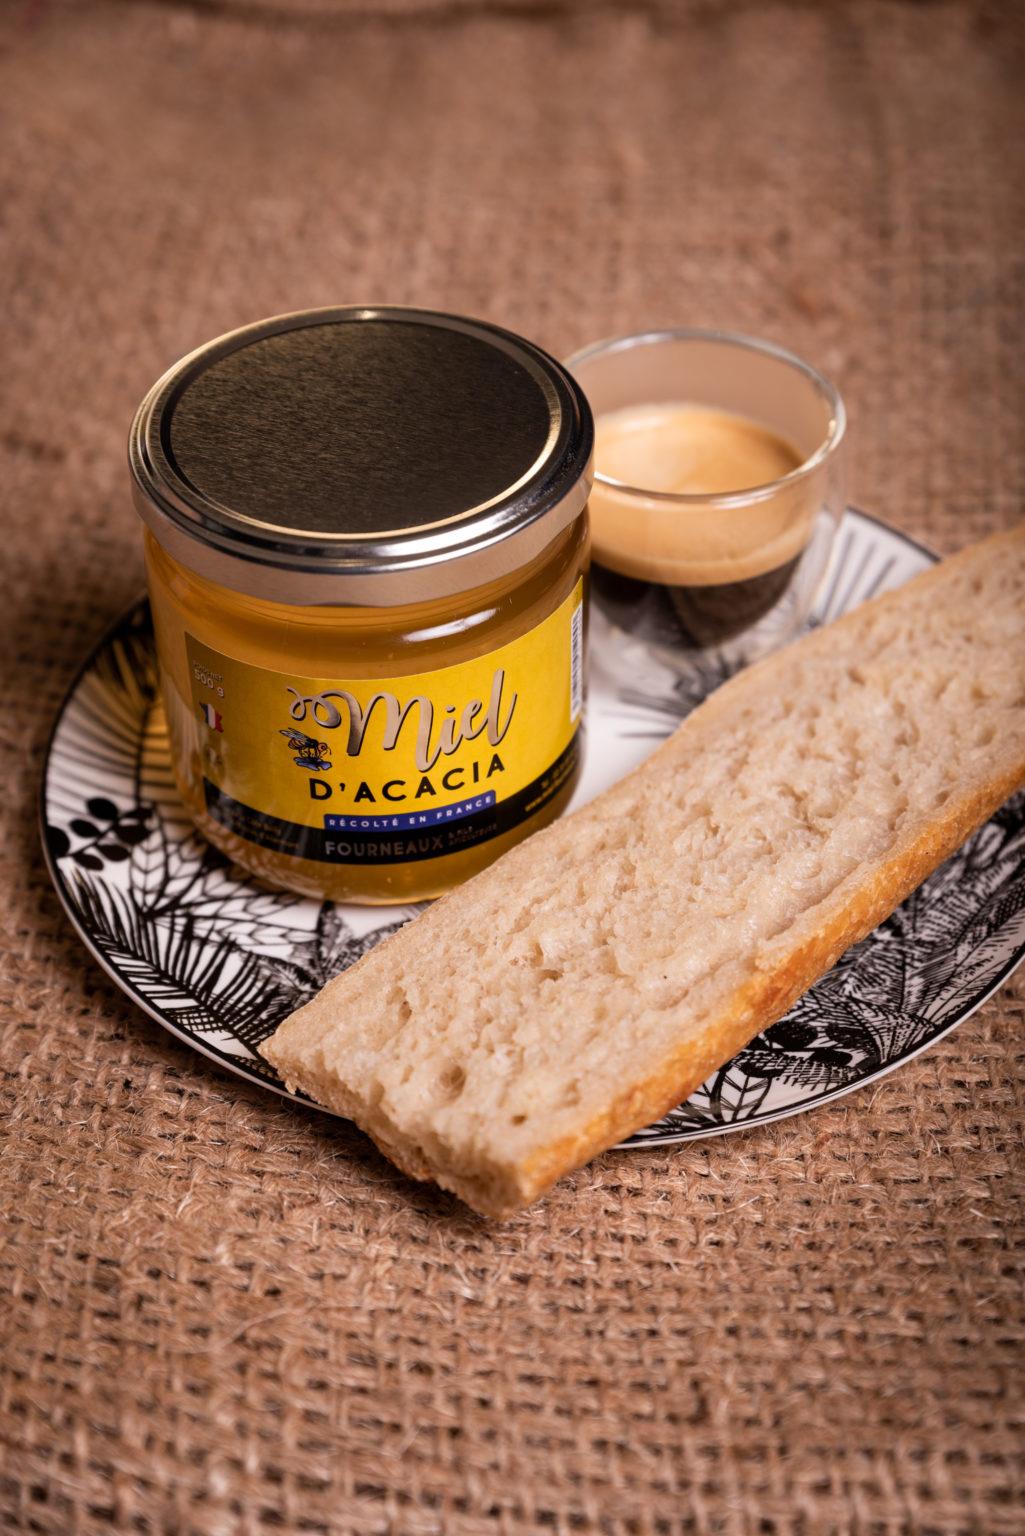 Miel d'acacia de la maison Fourneaux